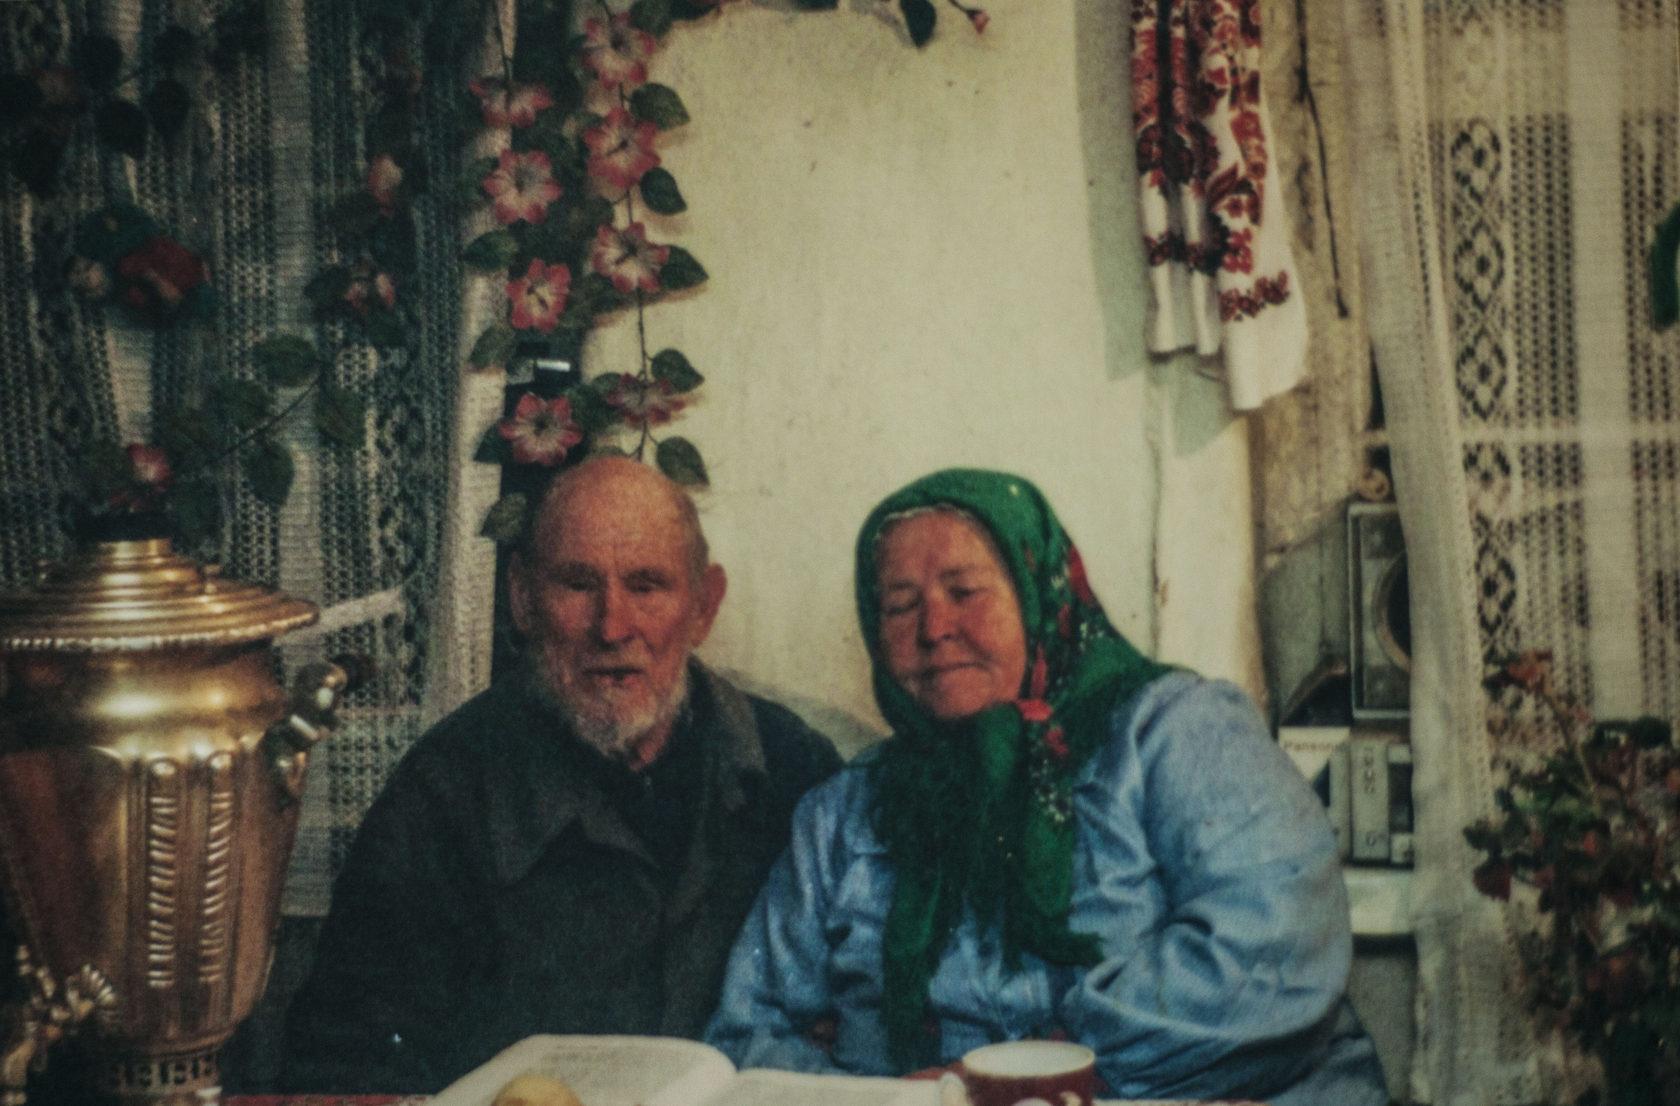 Աննա Կուդրյաշովան ամուսնու՝ Վասիլի Կուդրյաշովի հետ Շորժայում